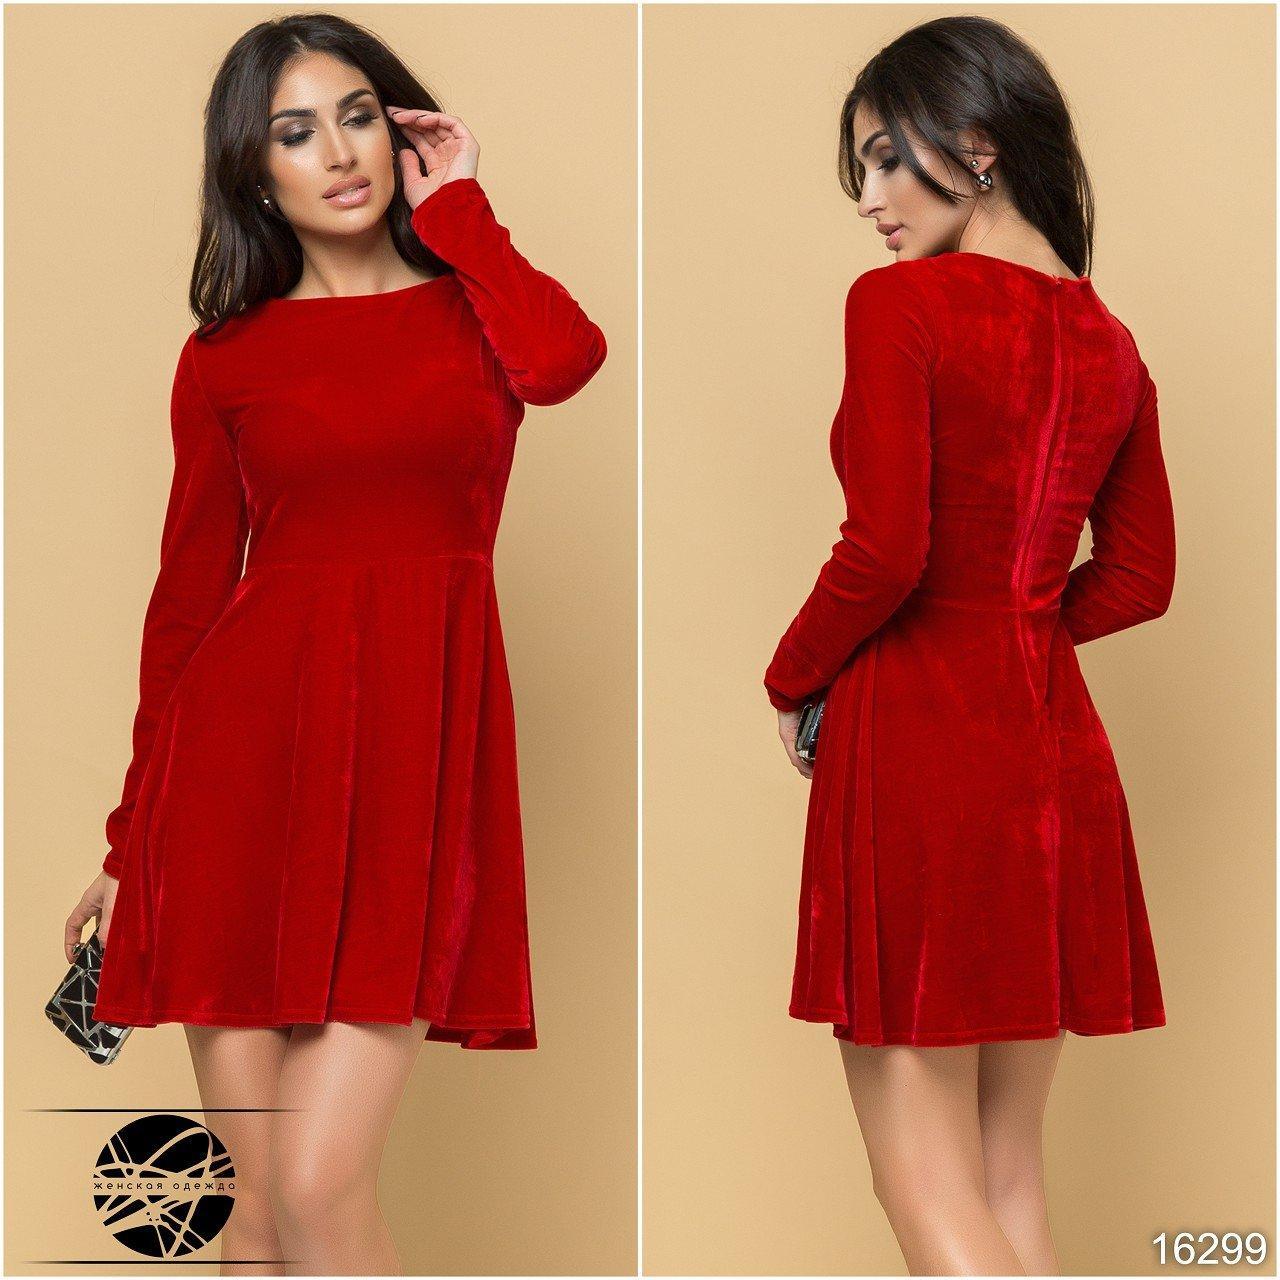 710717cd6e3 Молодежное вечернее платье из бархата красного цвета. Размеры 42-48. Модель  16299